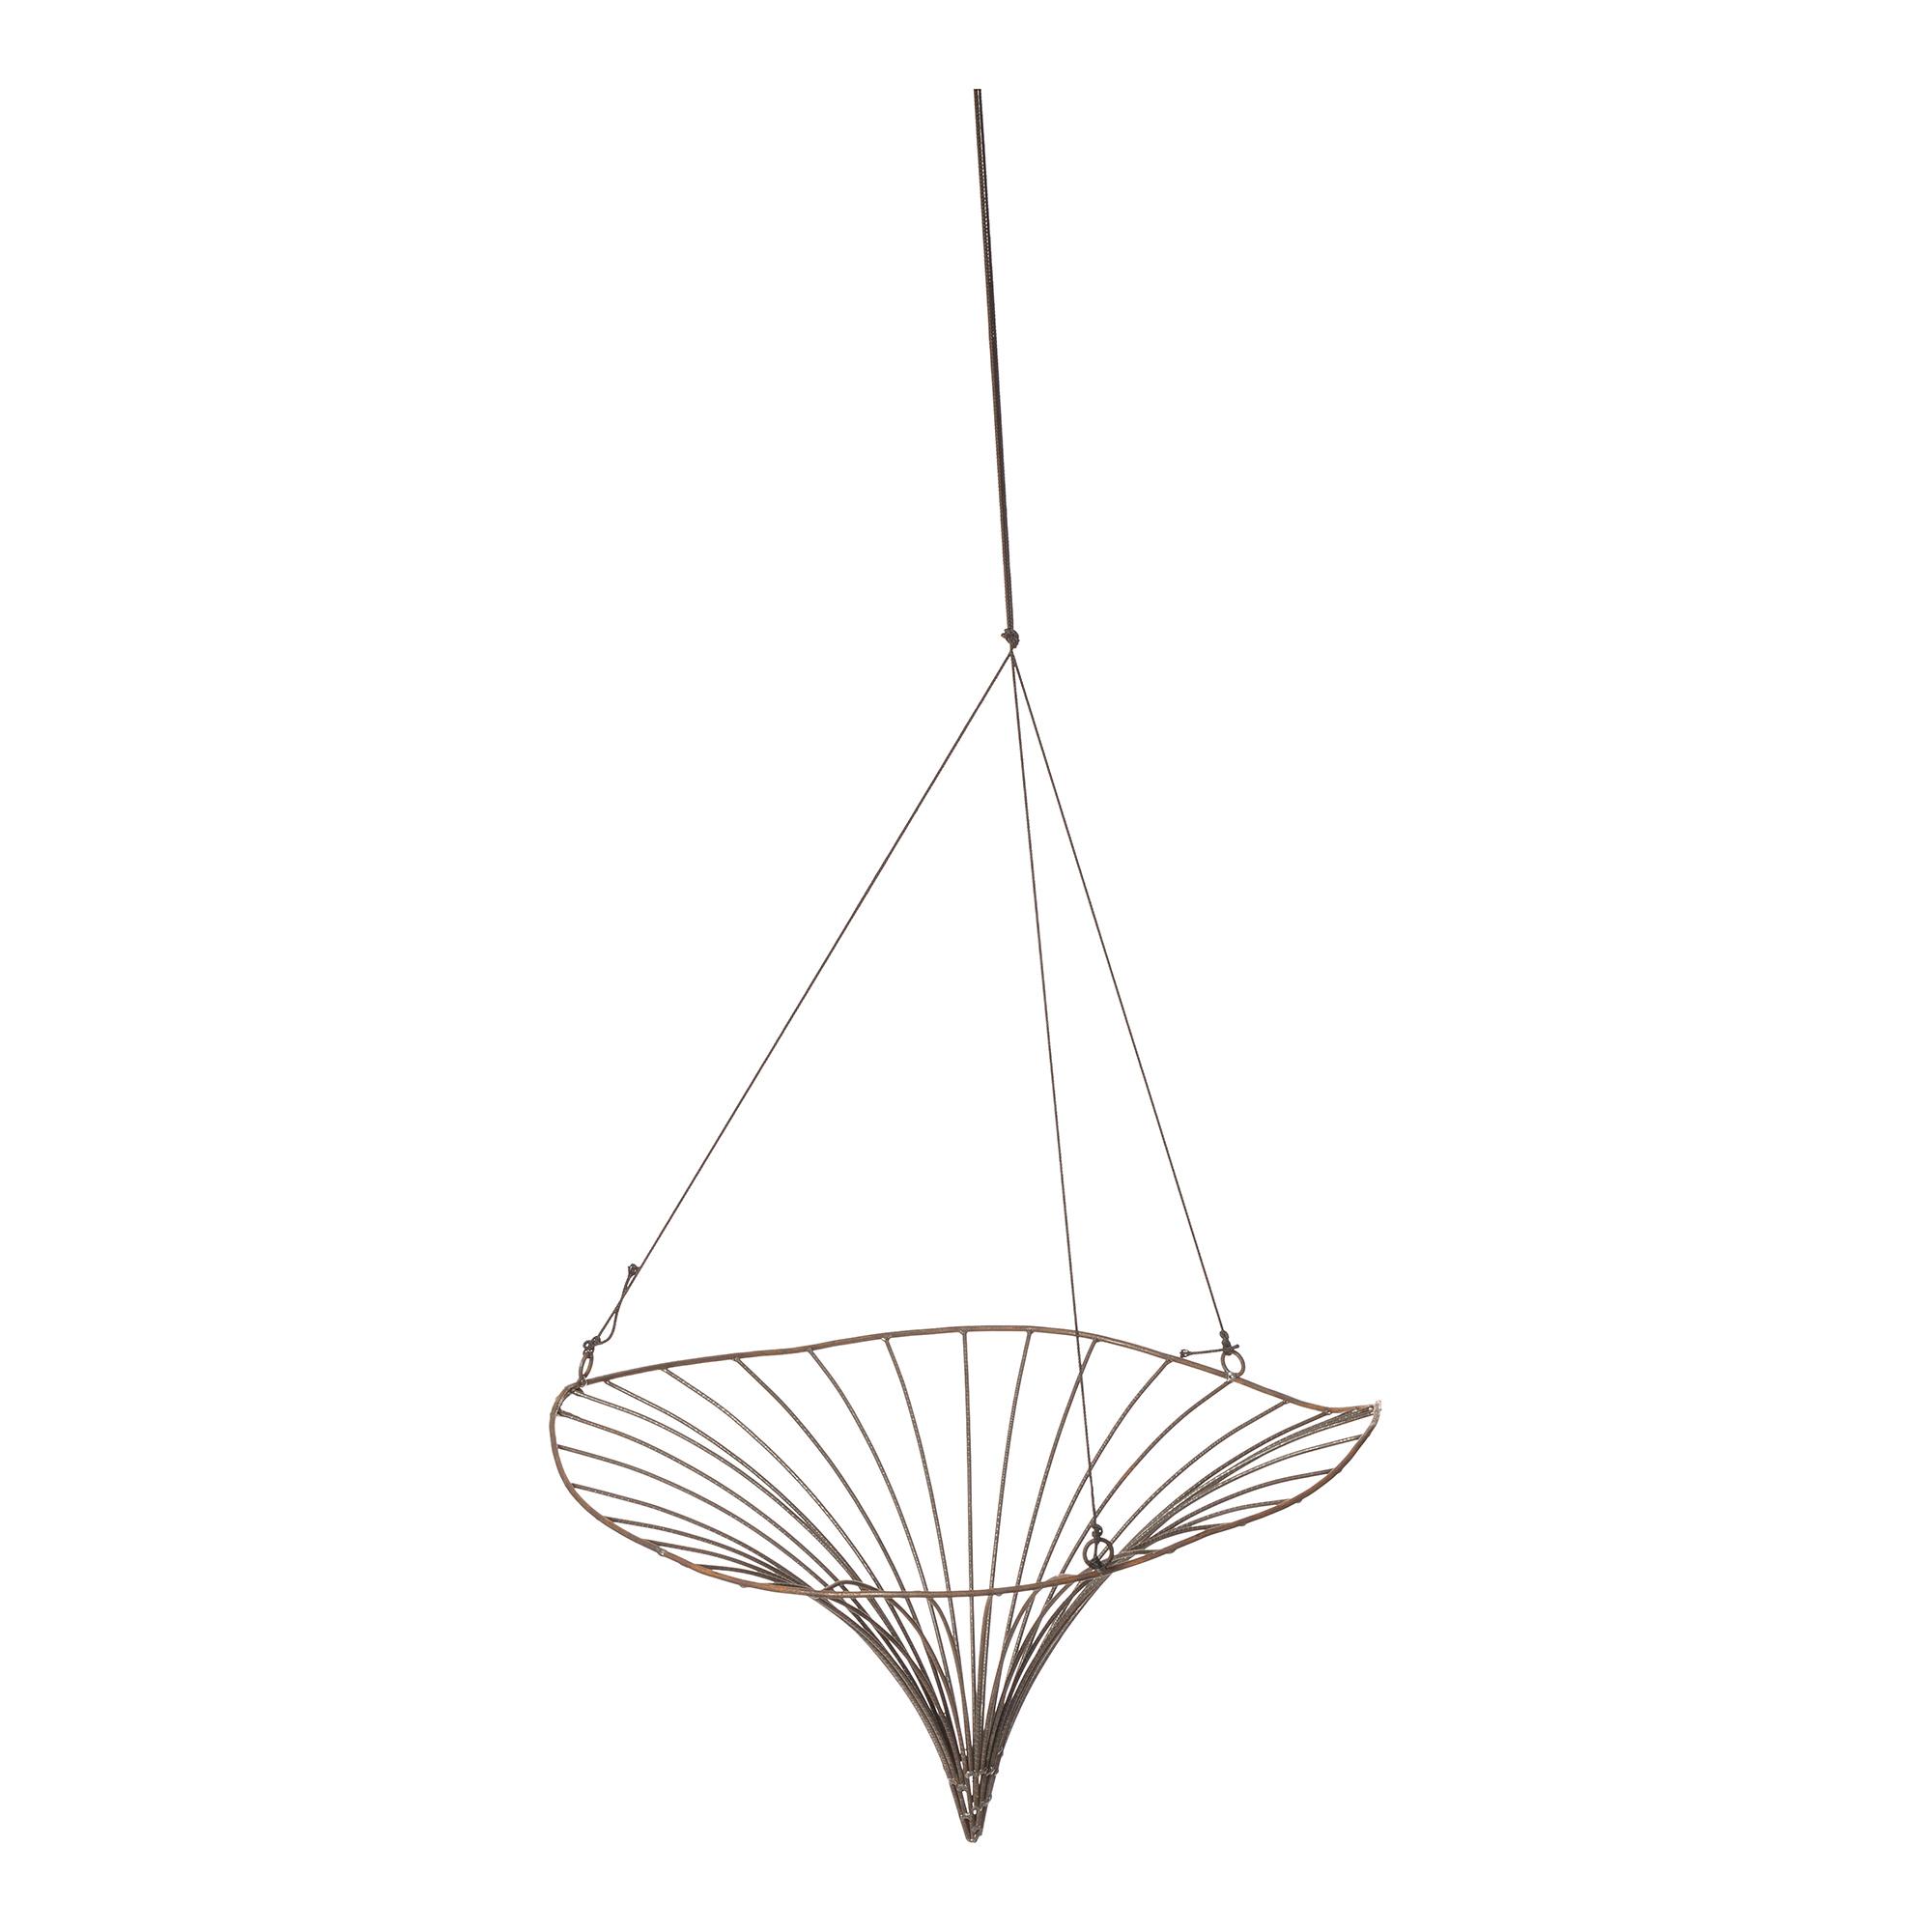 2000x2000 Wire Funnel Ornament Small